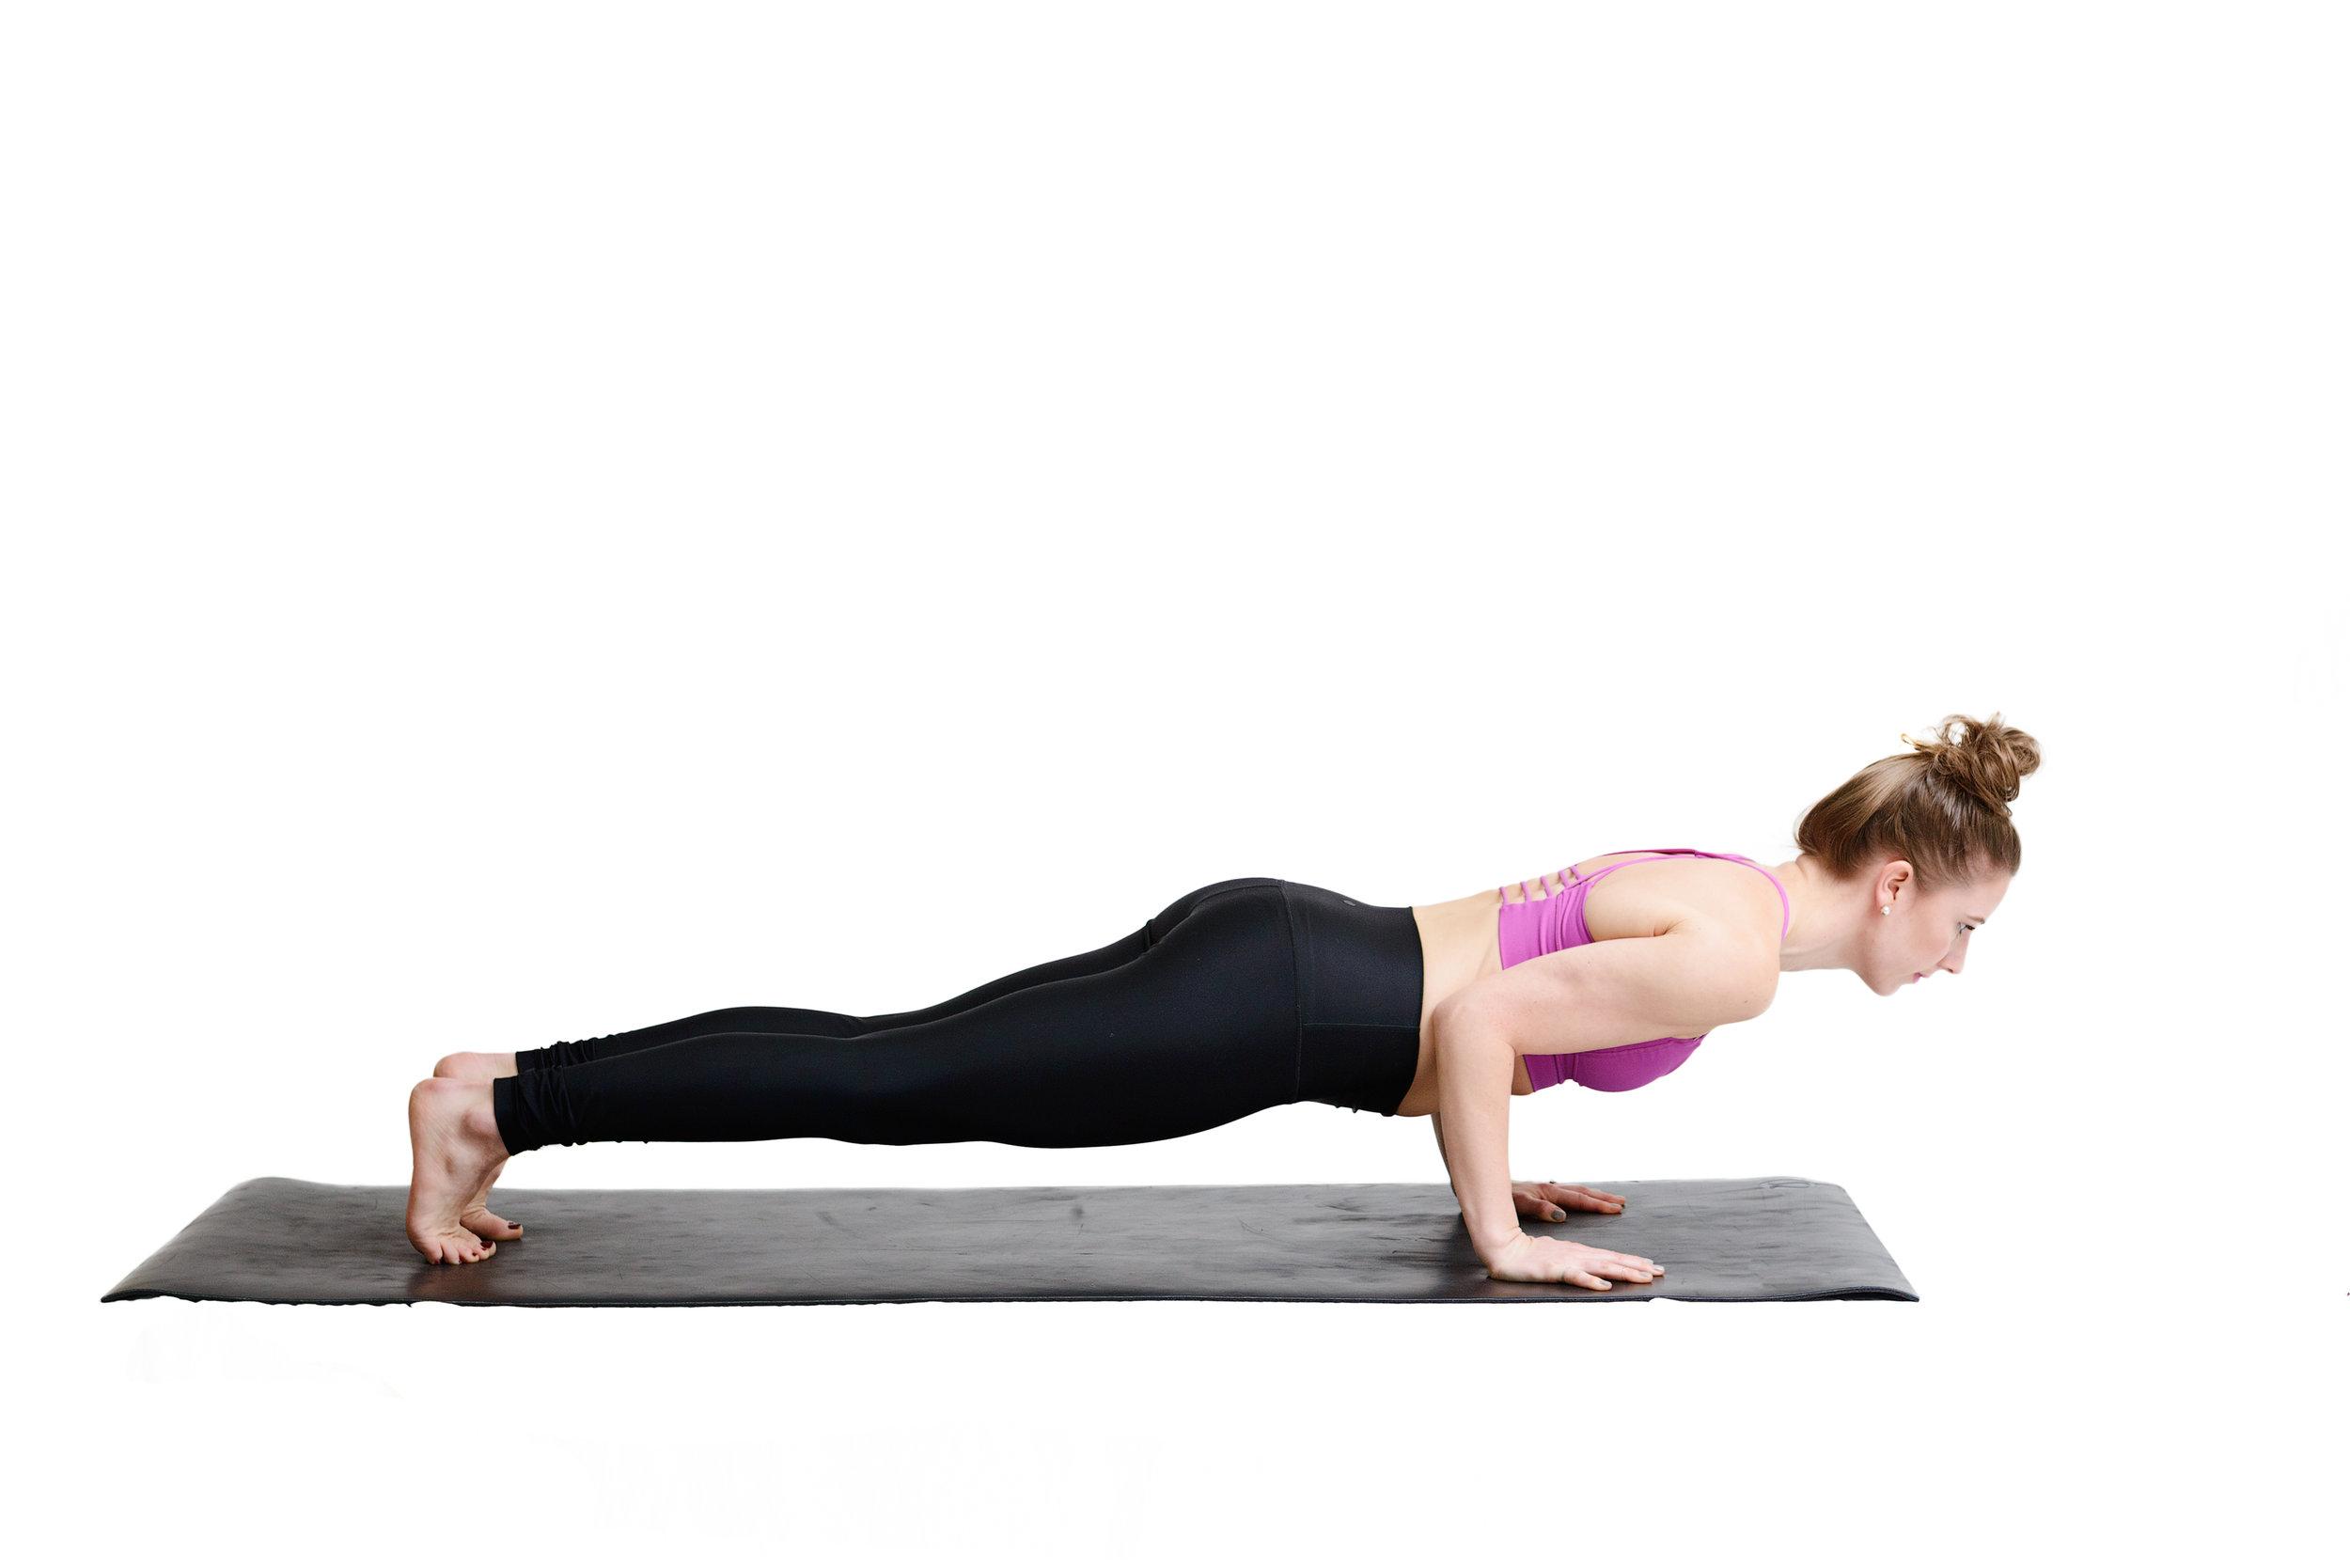 Jovette_PT&Yoga_006.jpg